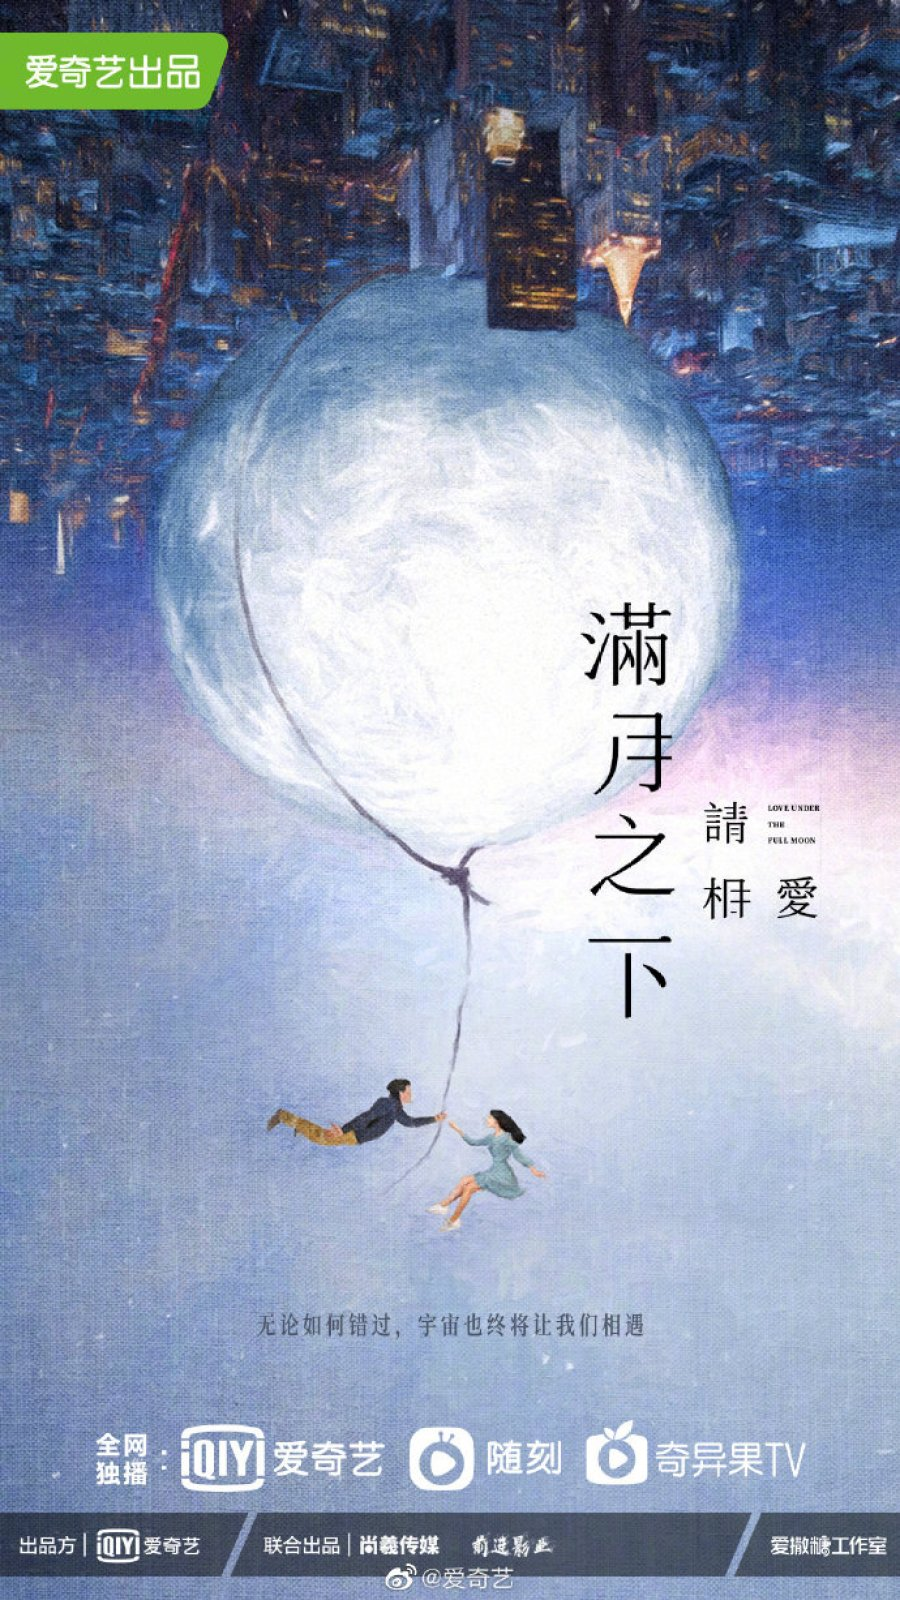 Hãy Yêu Nhau Dưới Ánh Trăng Tròn - Love Under the Full Moon